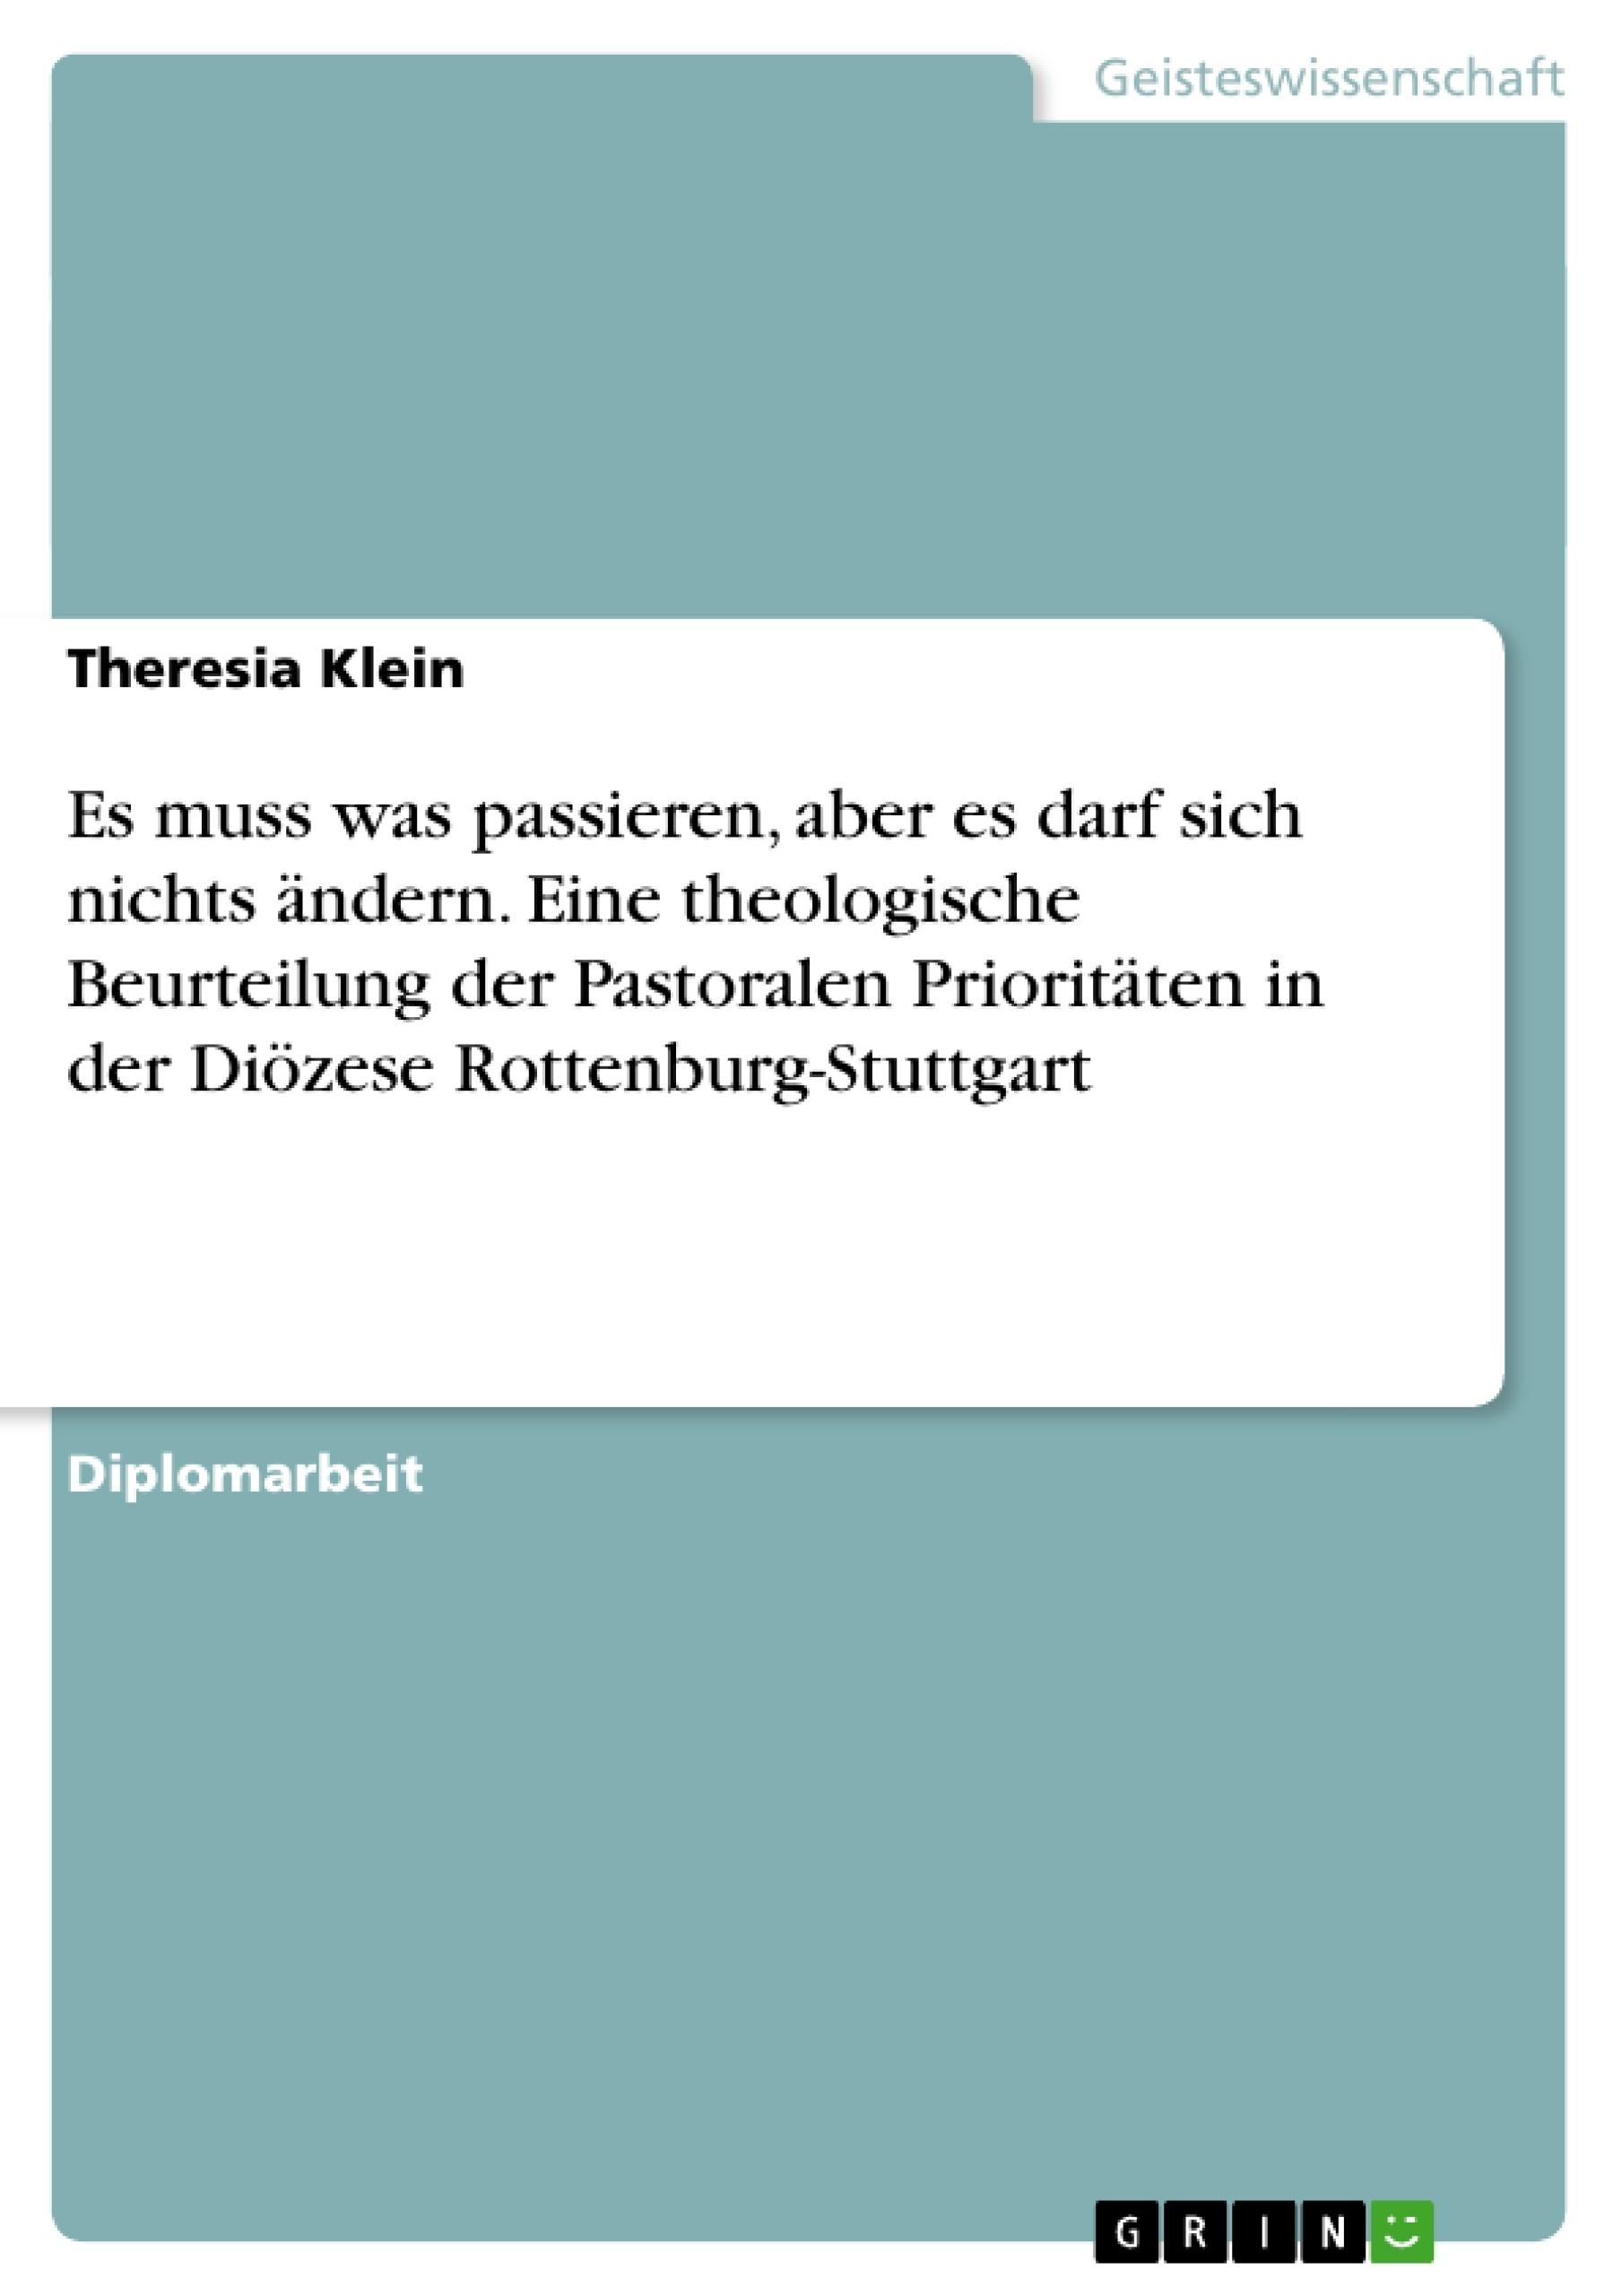 Titel: Es muss was passieren, aber es darf sich nichts ändern. Eine theologische Beurteilung der Pastoralen Prioritäten in der Diözese Rottenburg-Stuttgart